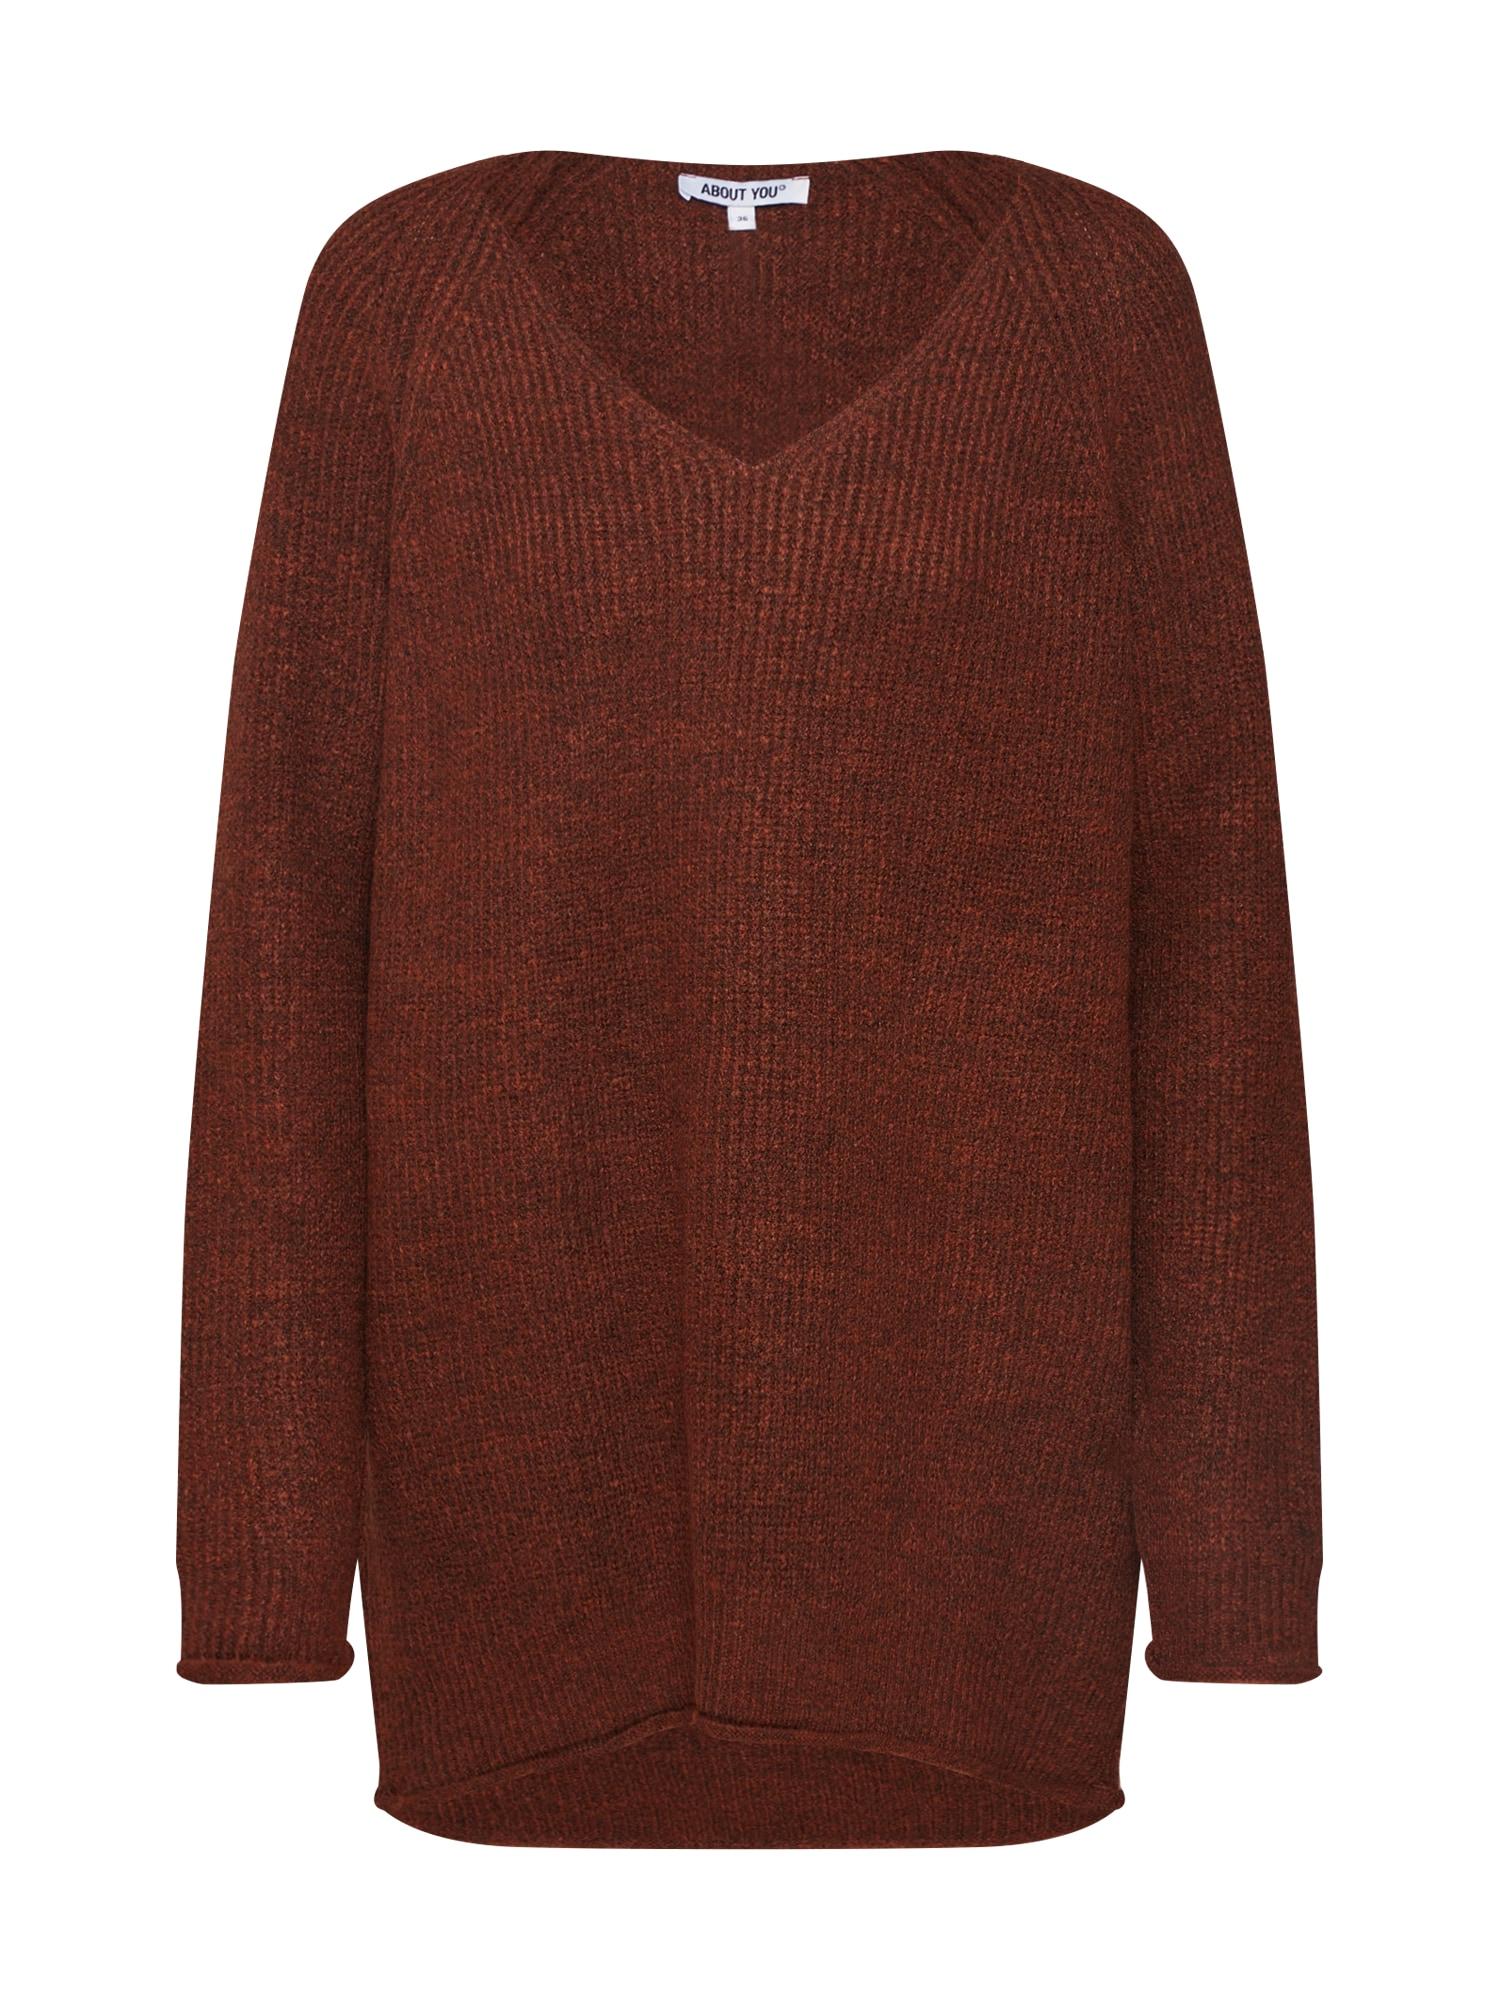 ABOUT YOU Megztinis 'Laren' rusva